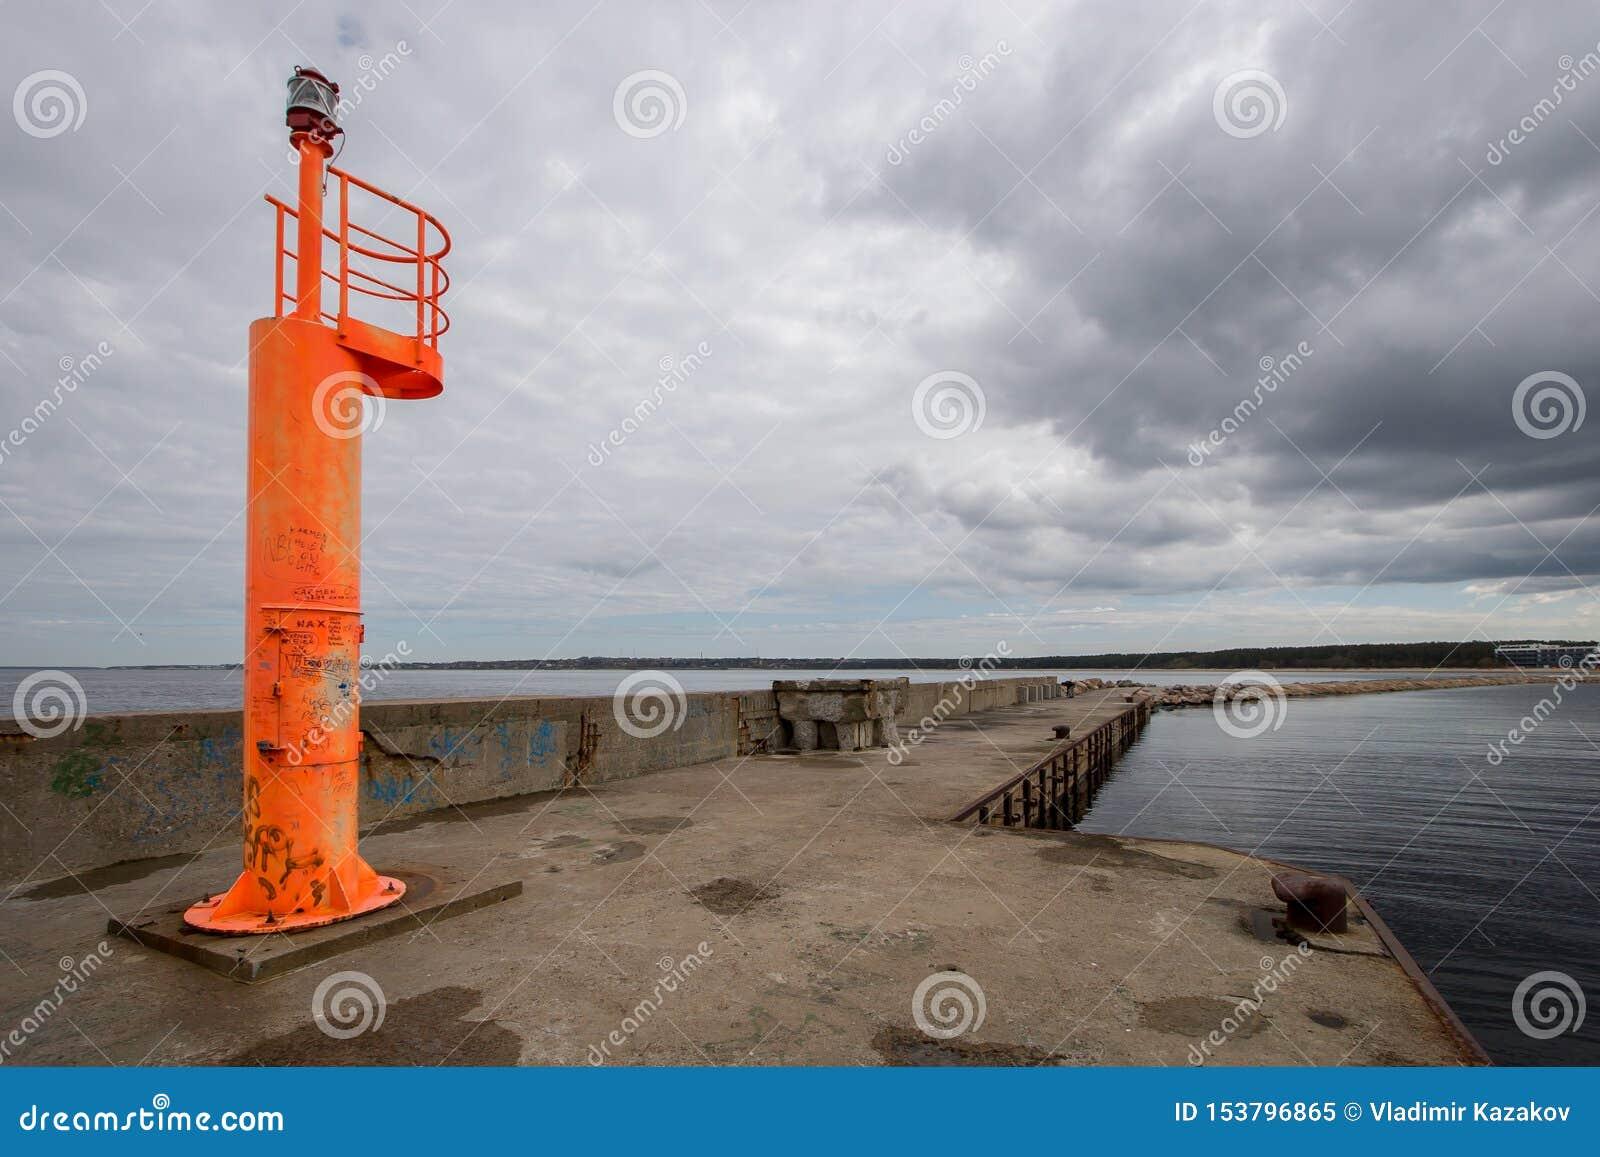 Ένας πορτοκαλής φάρος στέκεται σε μια συγκεκριμένη αποβάθρα στο υπόβαθρο ενός σκοτεινού ουρανού με τα σύννεφα